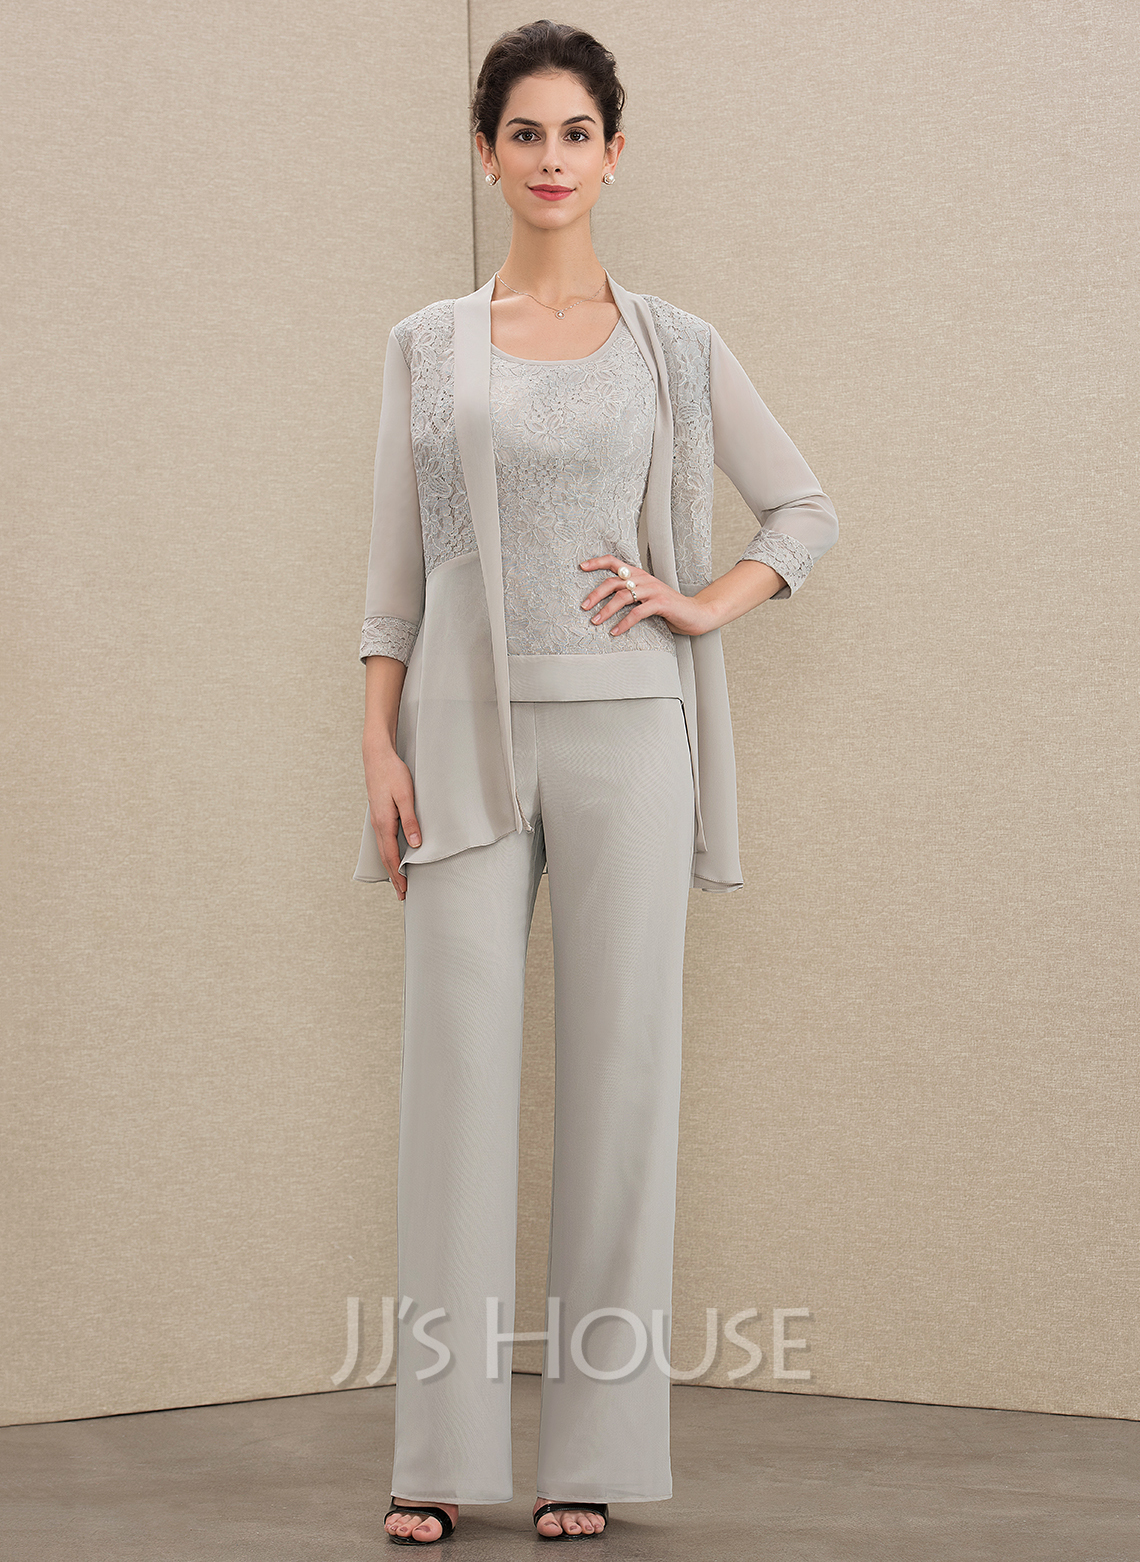 Jumpsuit/Pantsuit Scoop Neck Floor-Length Chiffon Lace Mother of the Bride Dress